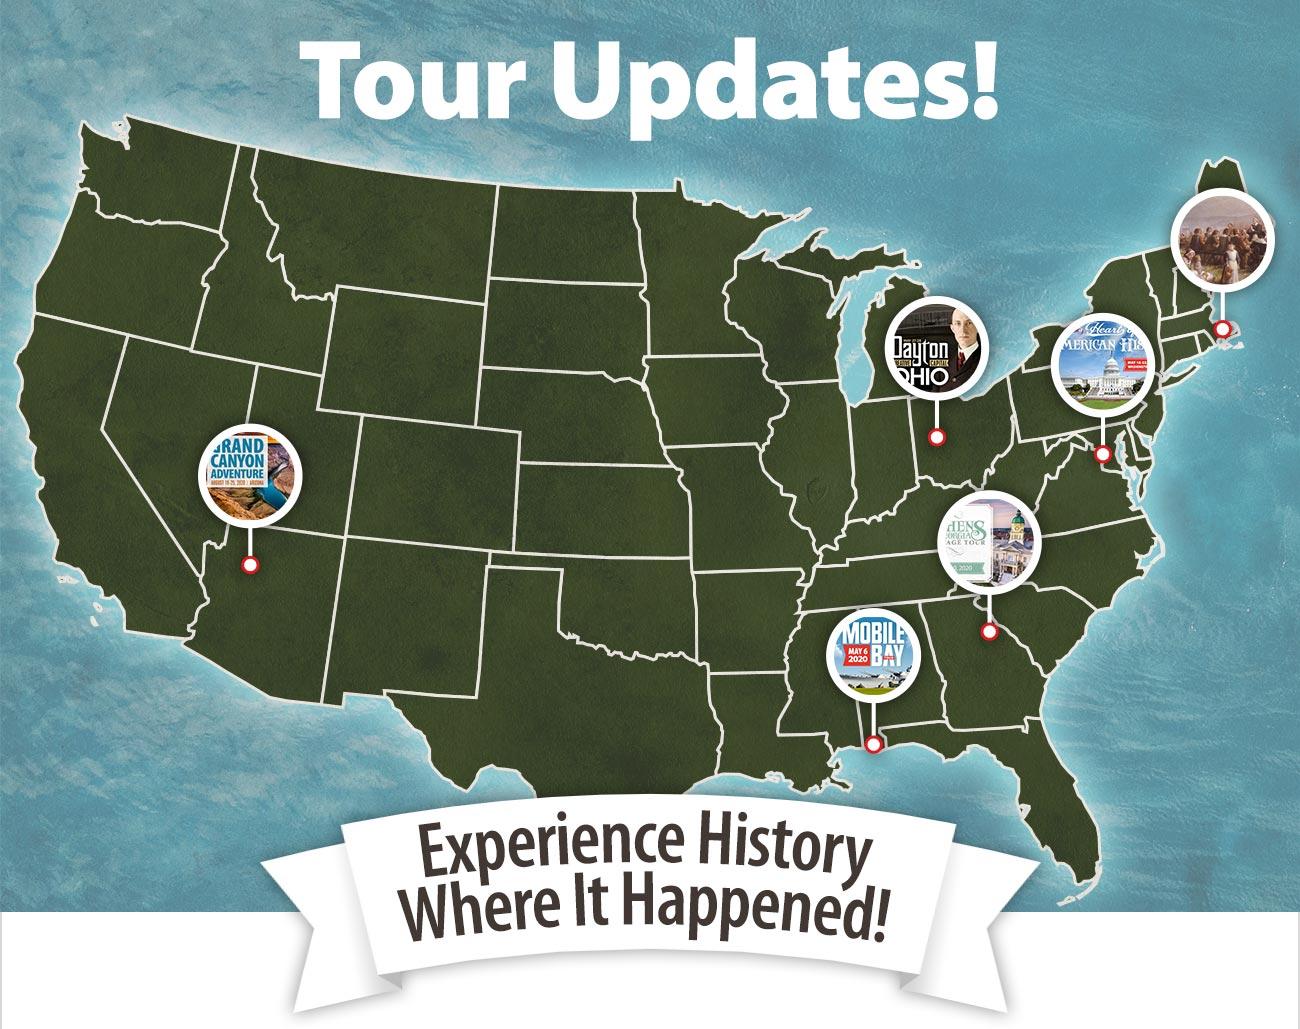 Tour Updates